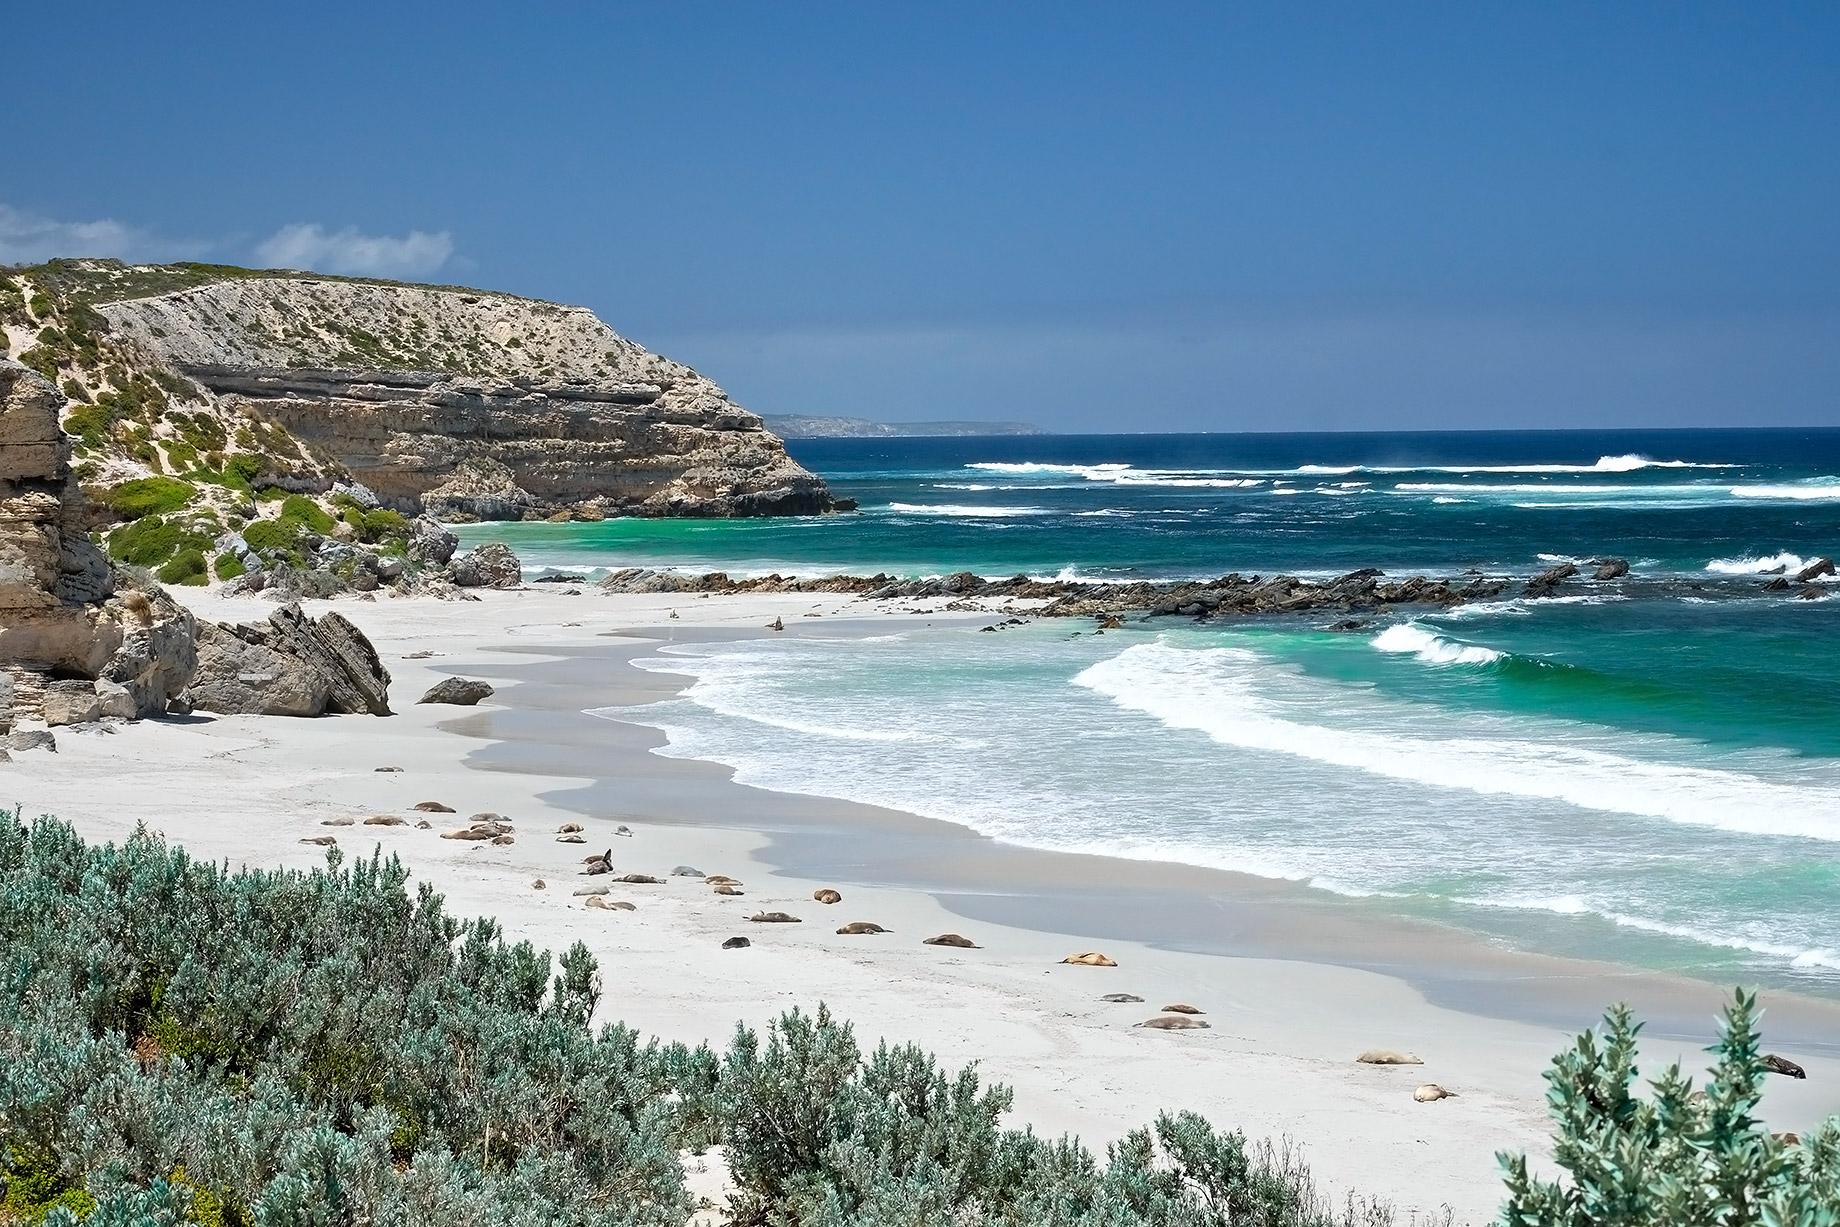 Île Kangourou - Australie - Top 10 des destinations de voyage de luxe dans le monde